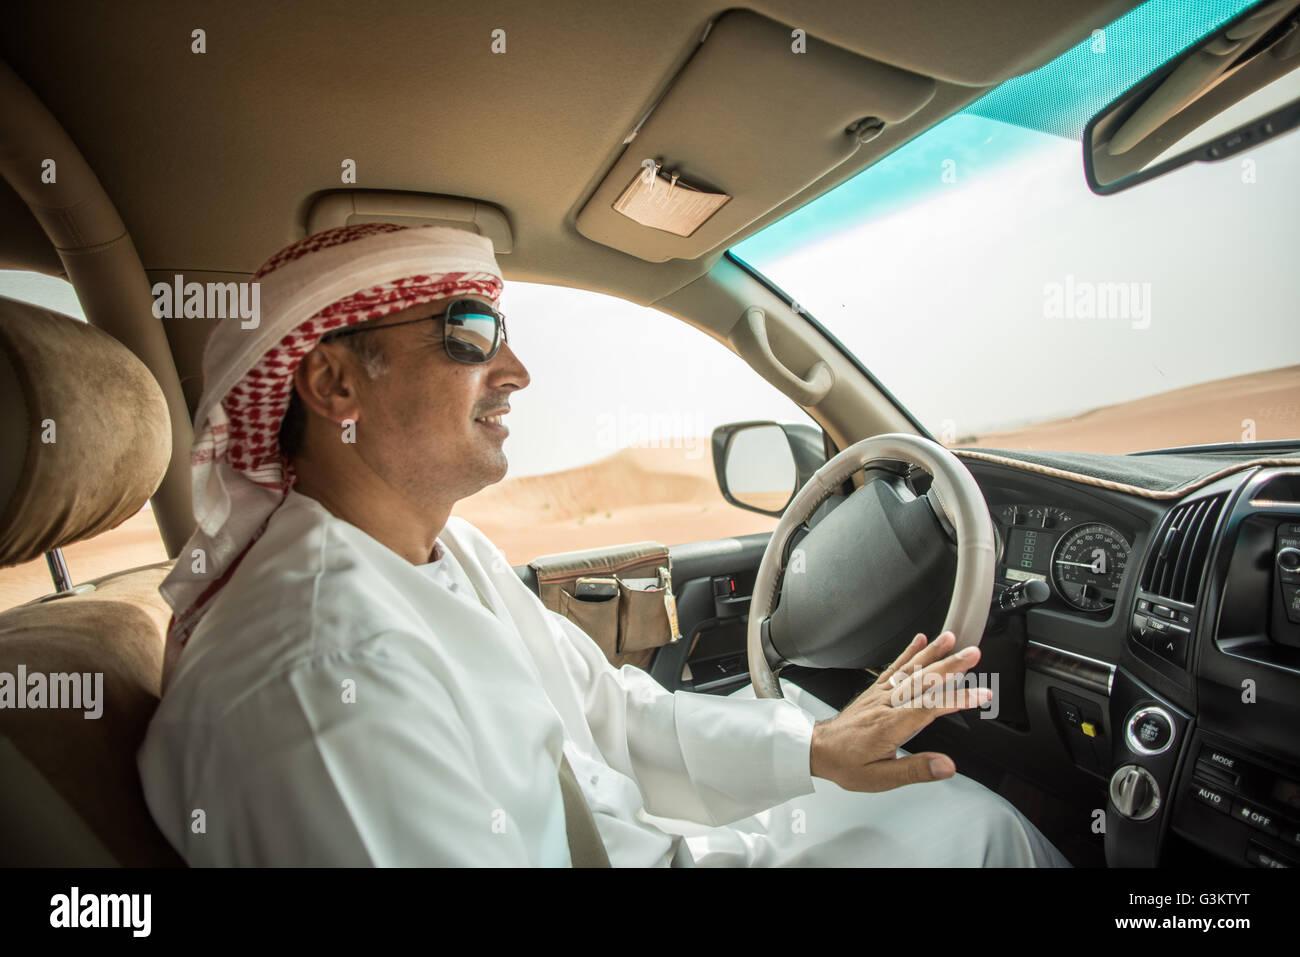 Medio Oriente uomo che indossa gli abiti tradizionali la guida fuoristrada nel deserto, Dubai, Emirati Arabi Uniti Immagini Stock